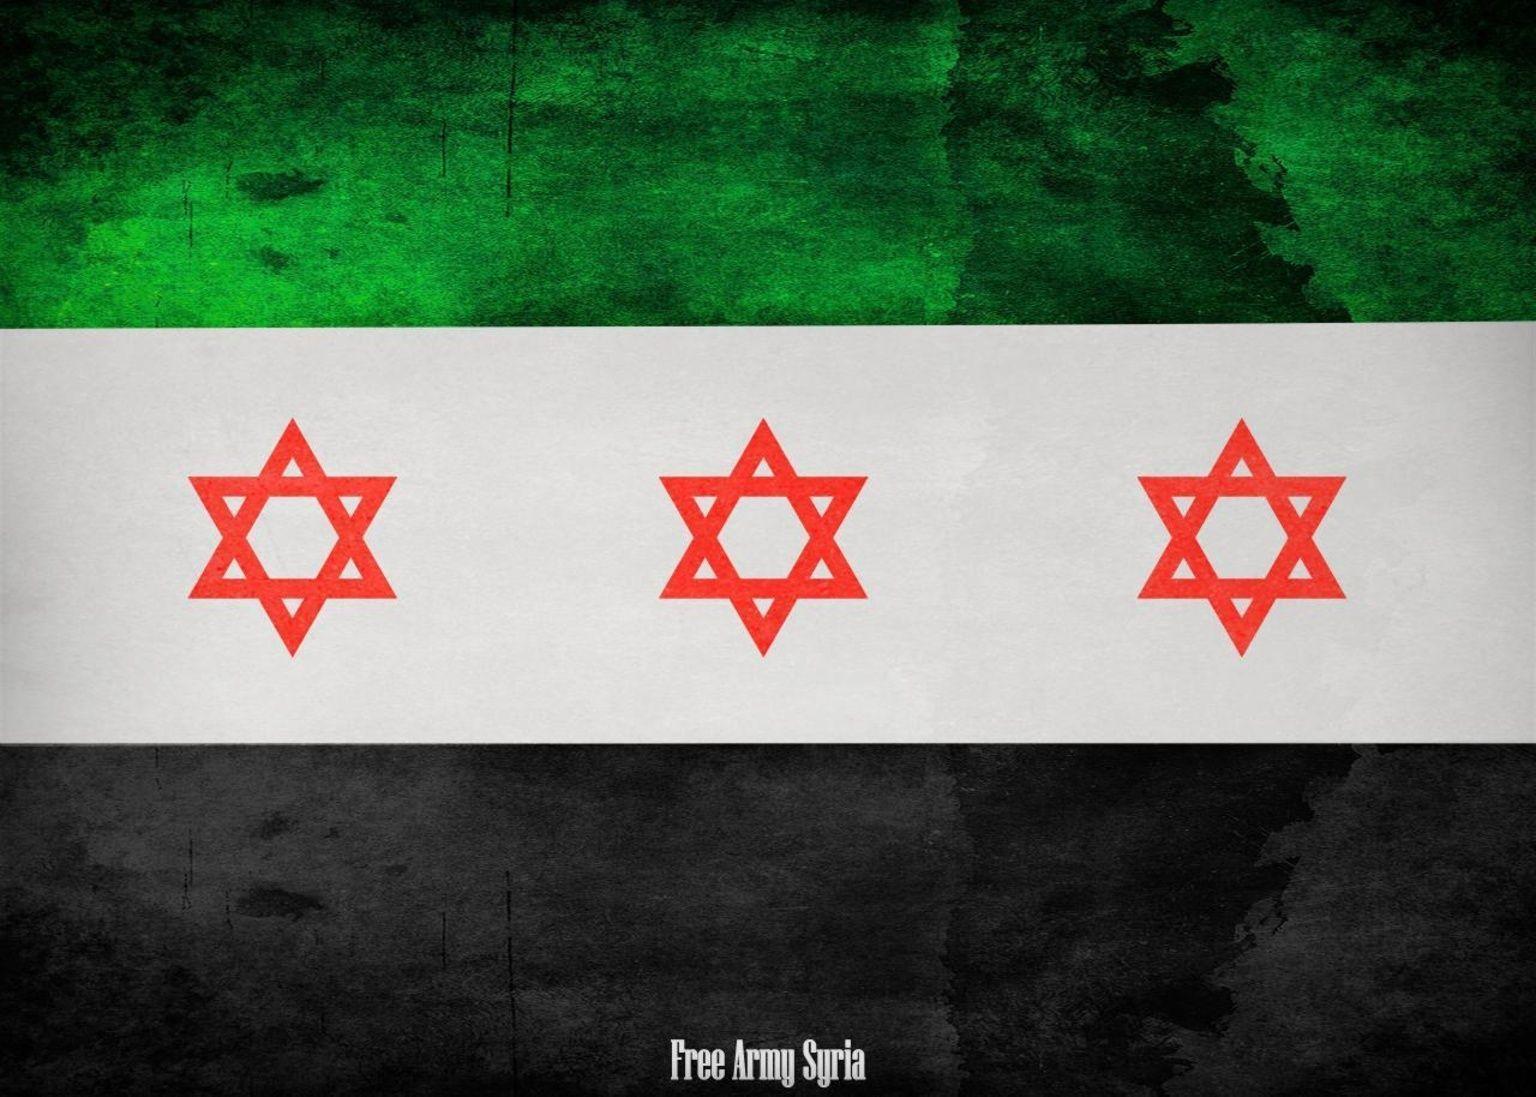 ارتش آزاد سوریه صهیونی #سوریا_محور_الصمود #سوریه_نتیجه_مقاومت #Syria4Syrians